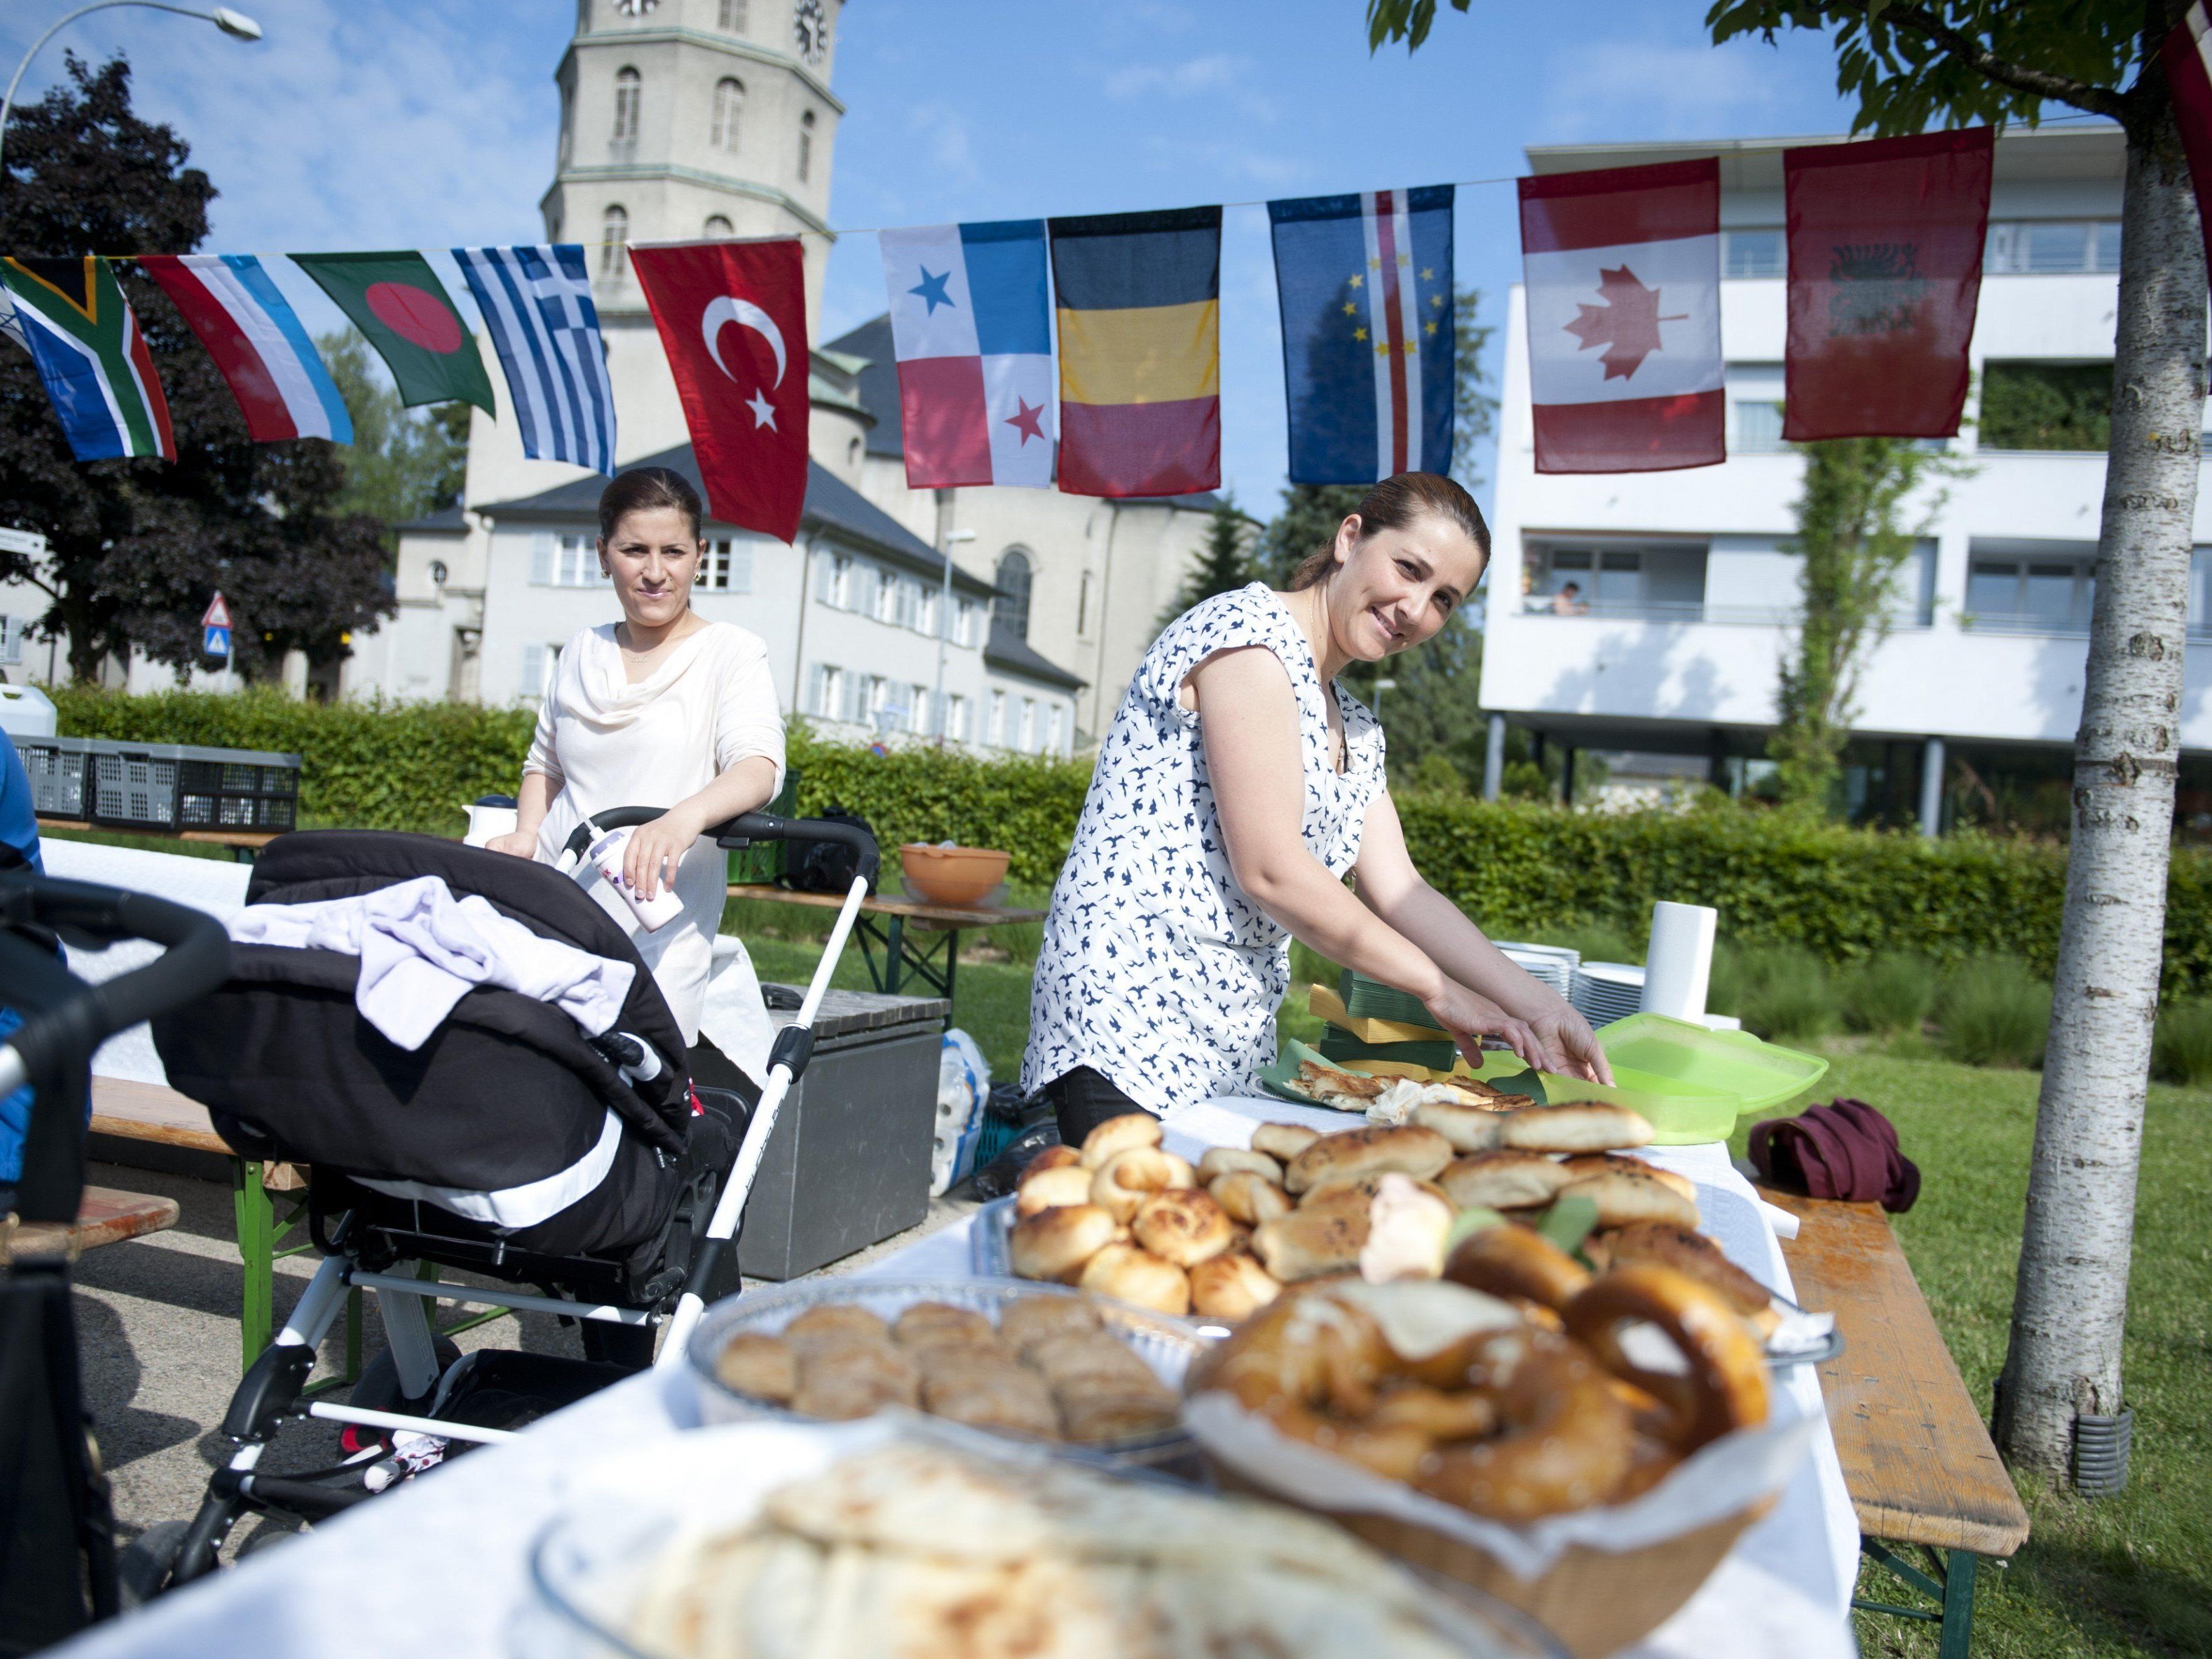 Interkulturelles Zusammenleben ist immer auch interreligiöses Zusammenleben, denn Religion ist ein Teil von Kultur, auch in einer säkularisierten Gesellschaft.